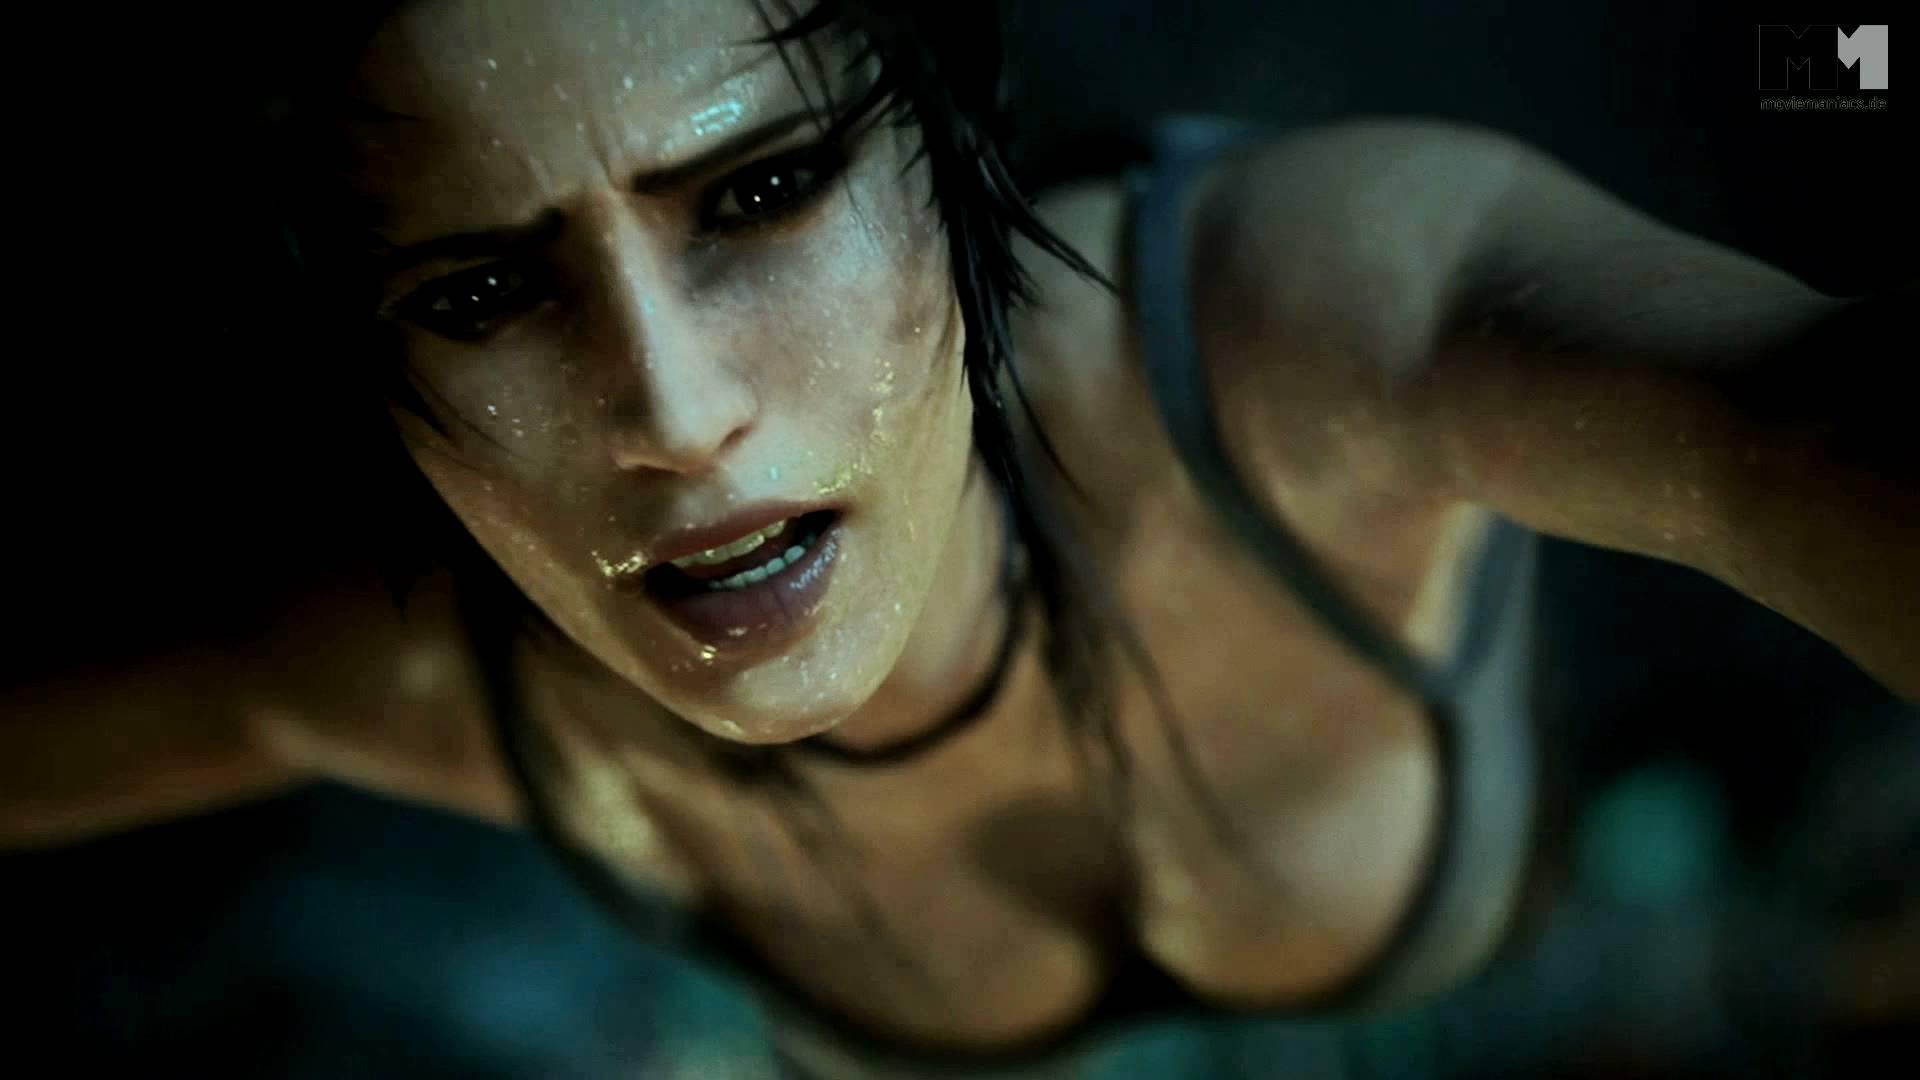 Lara croft gif erotic scenes